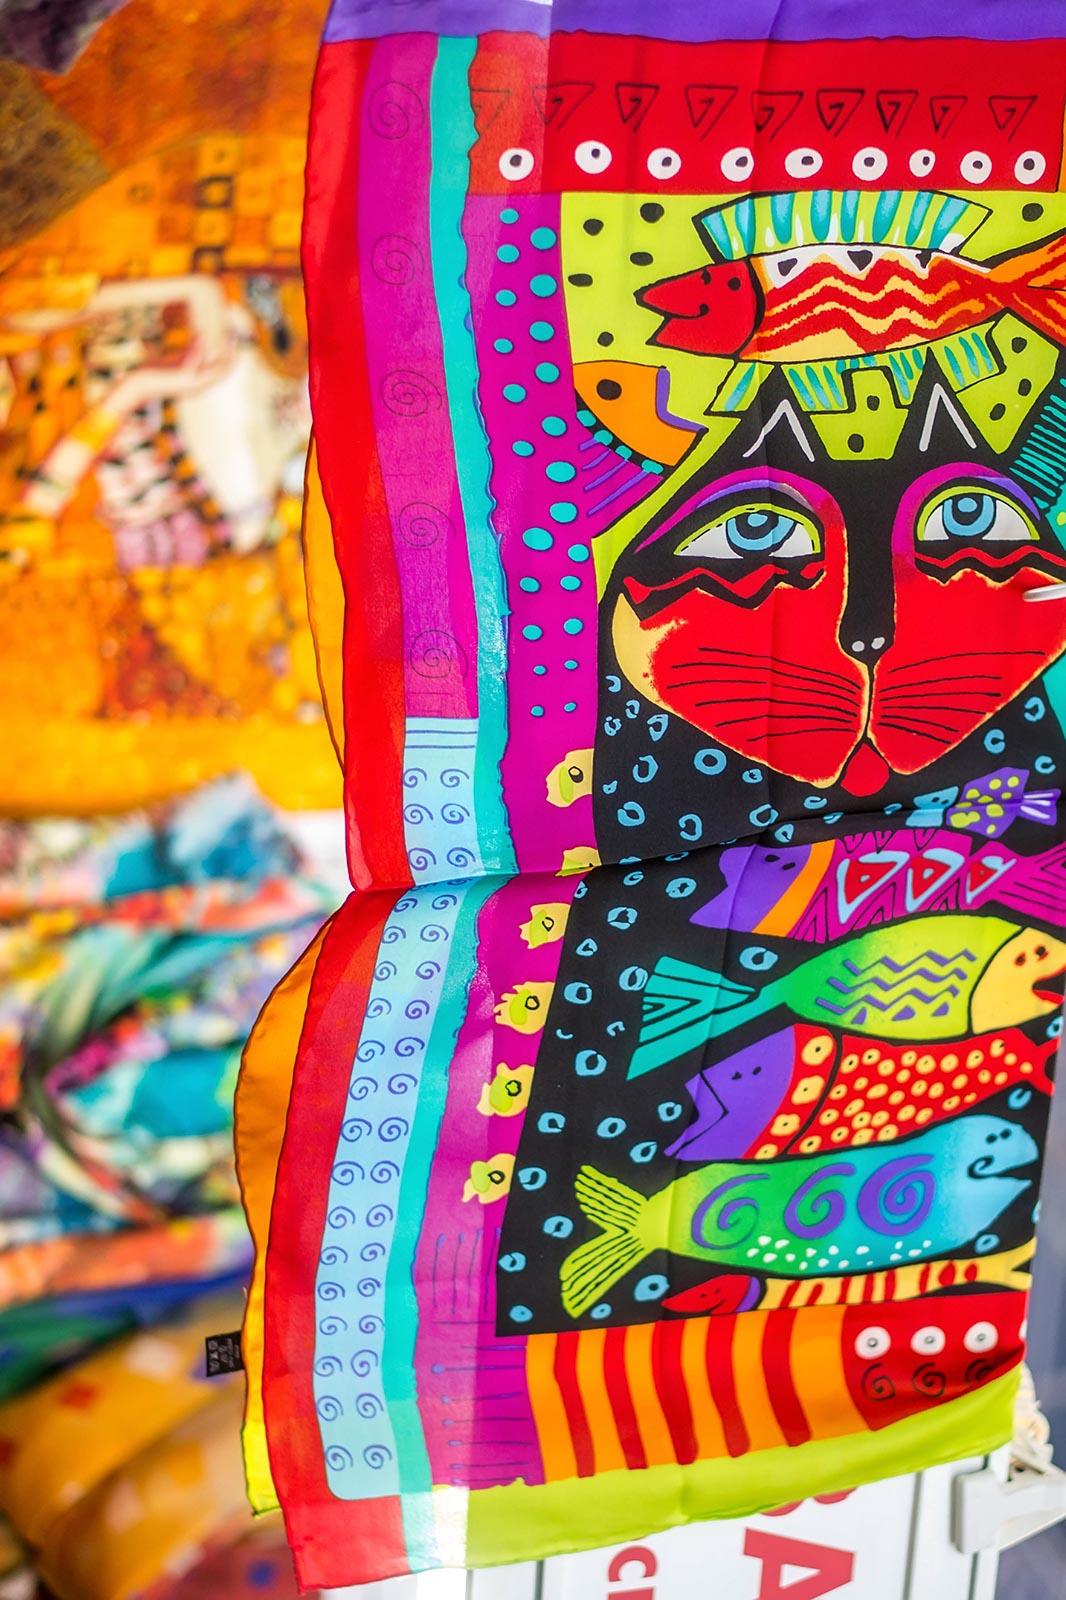 Фото №140199. Платки на «Арт-галерее. <br />Казань —2013»